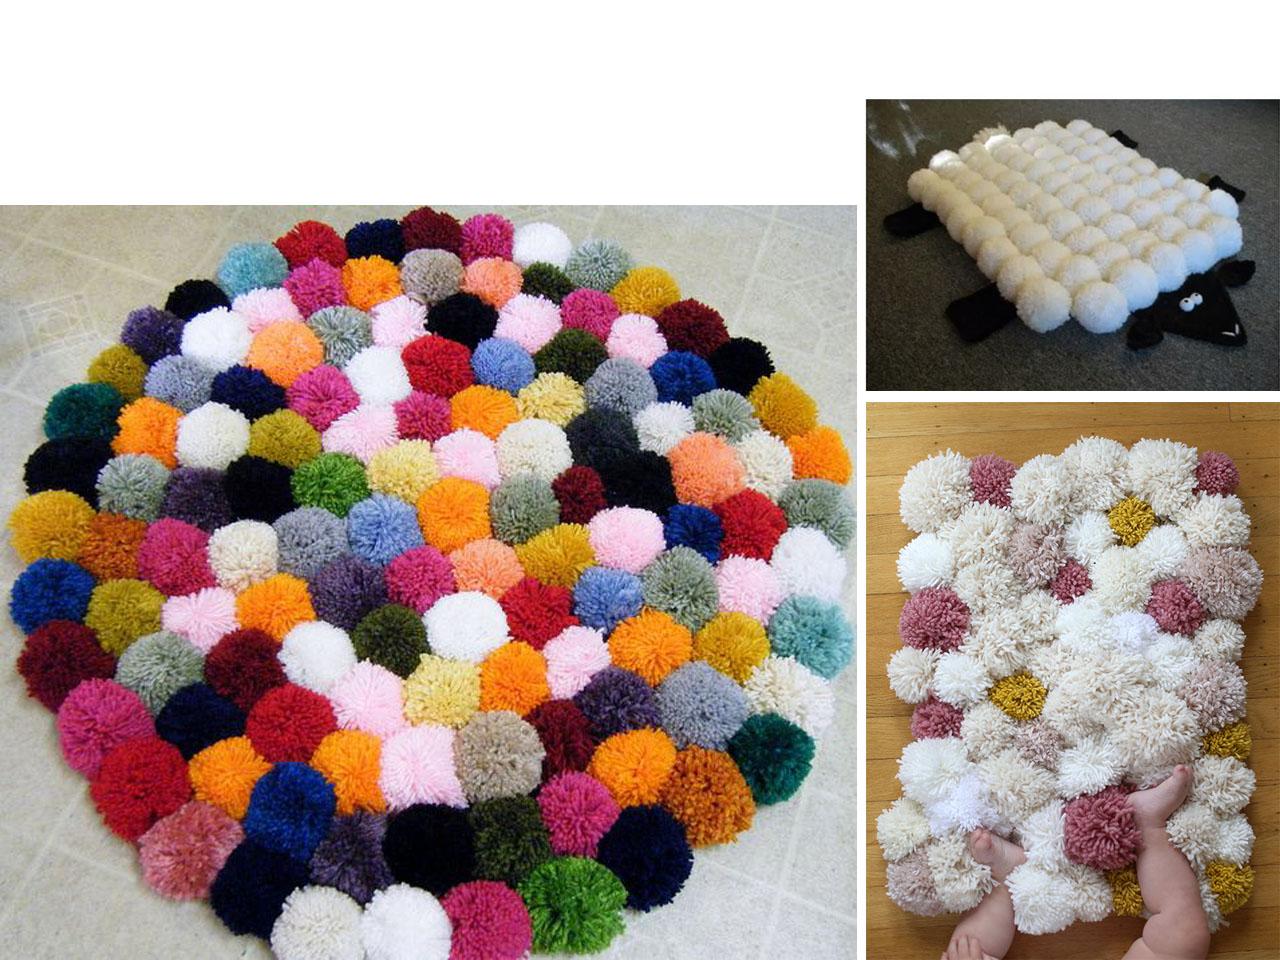 Alfombra de pompones de lana materiales de construcci n - Alfombra de pompones ...